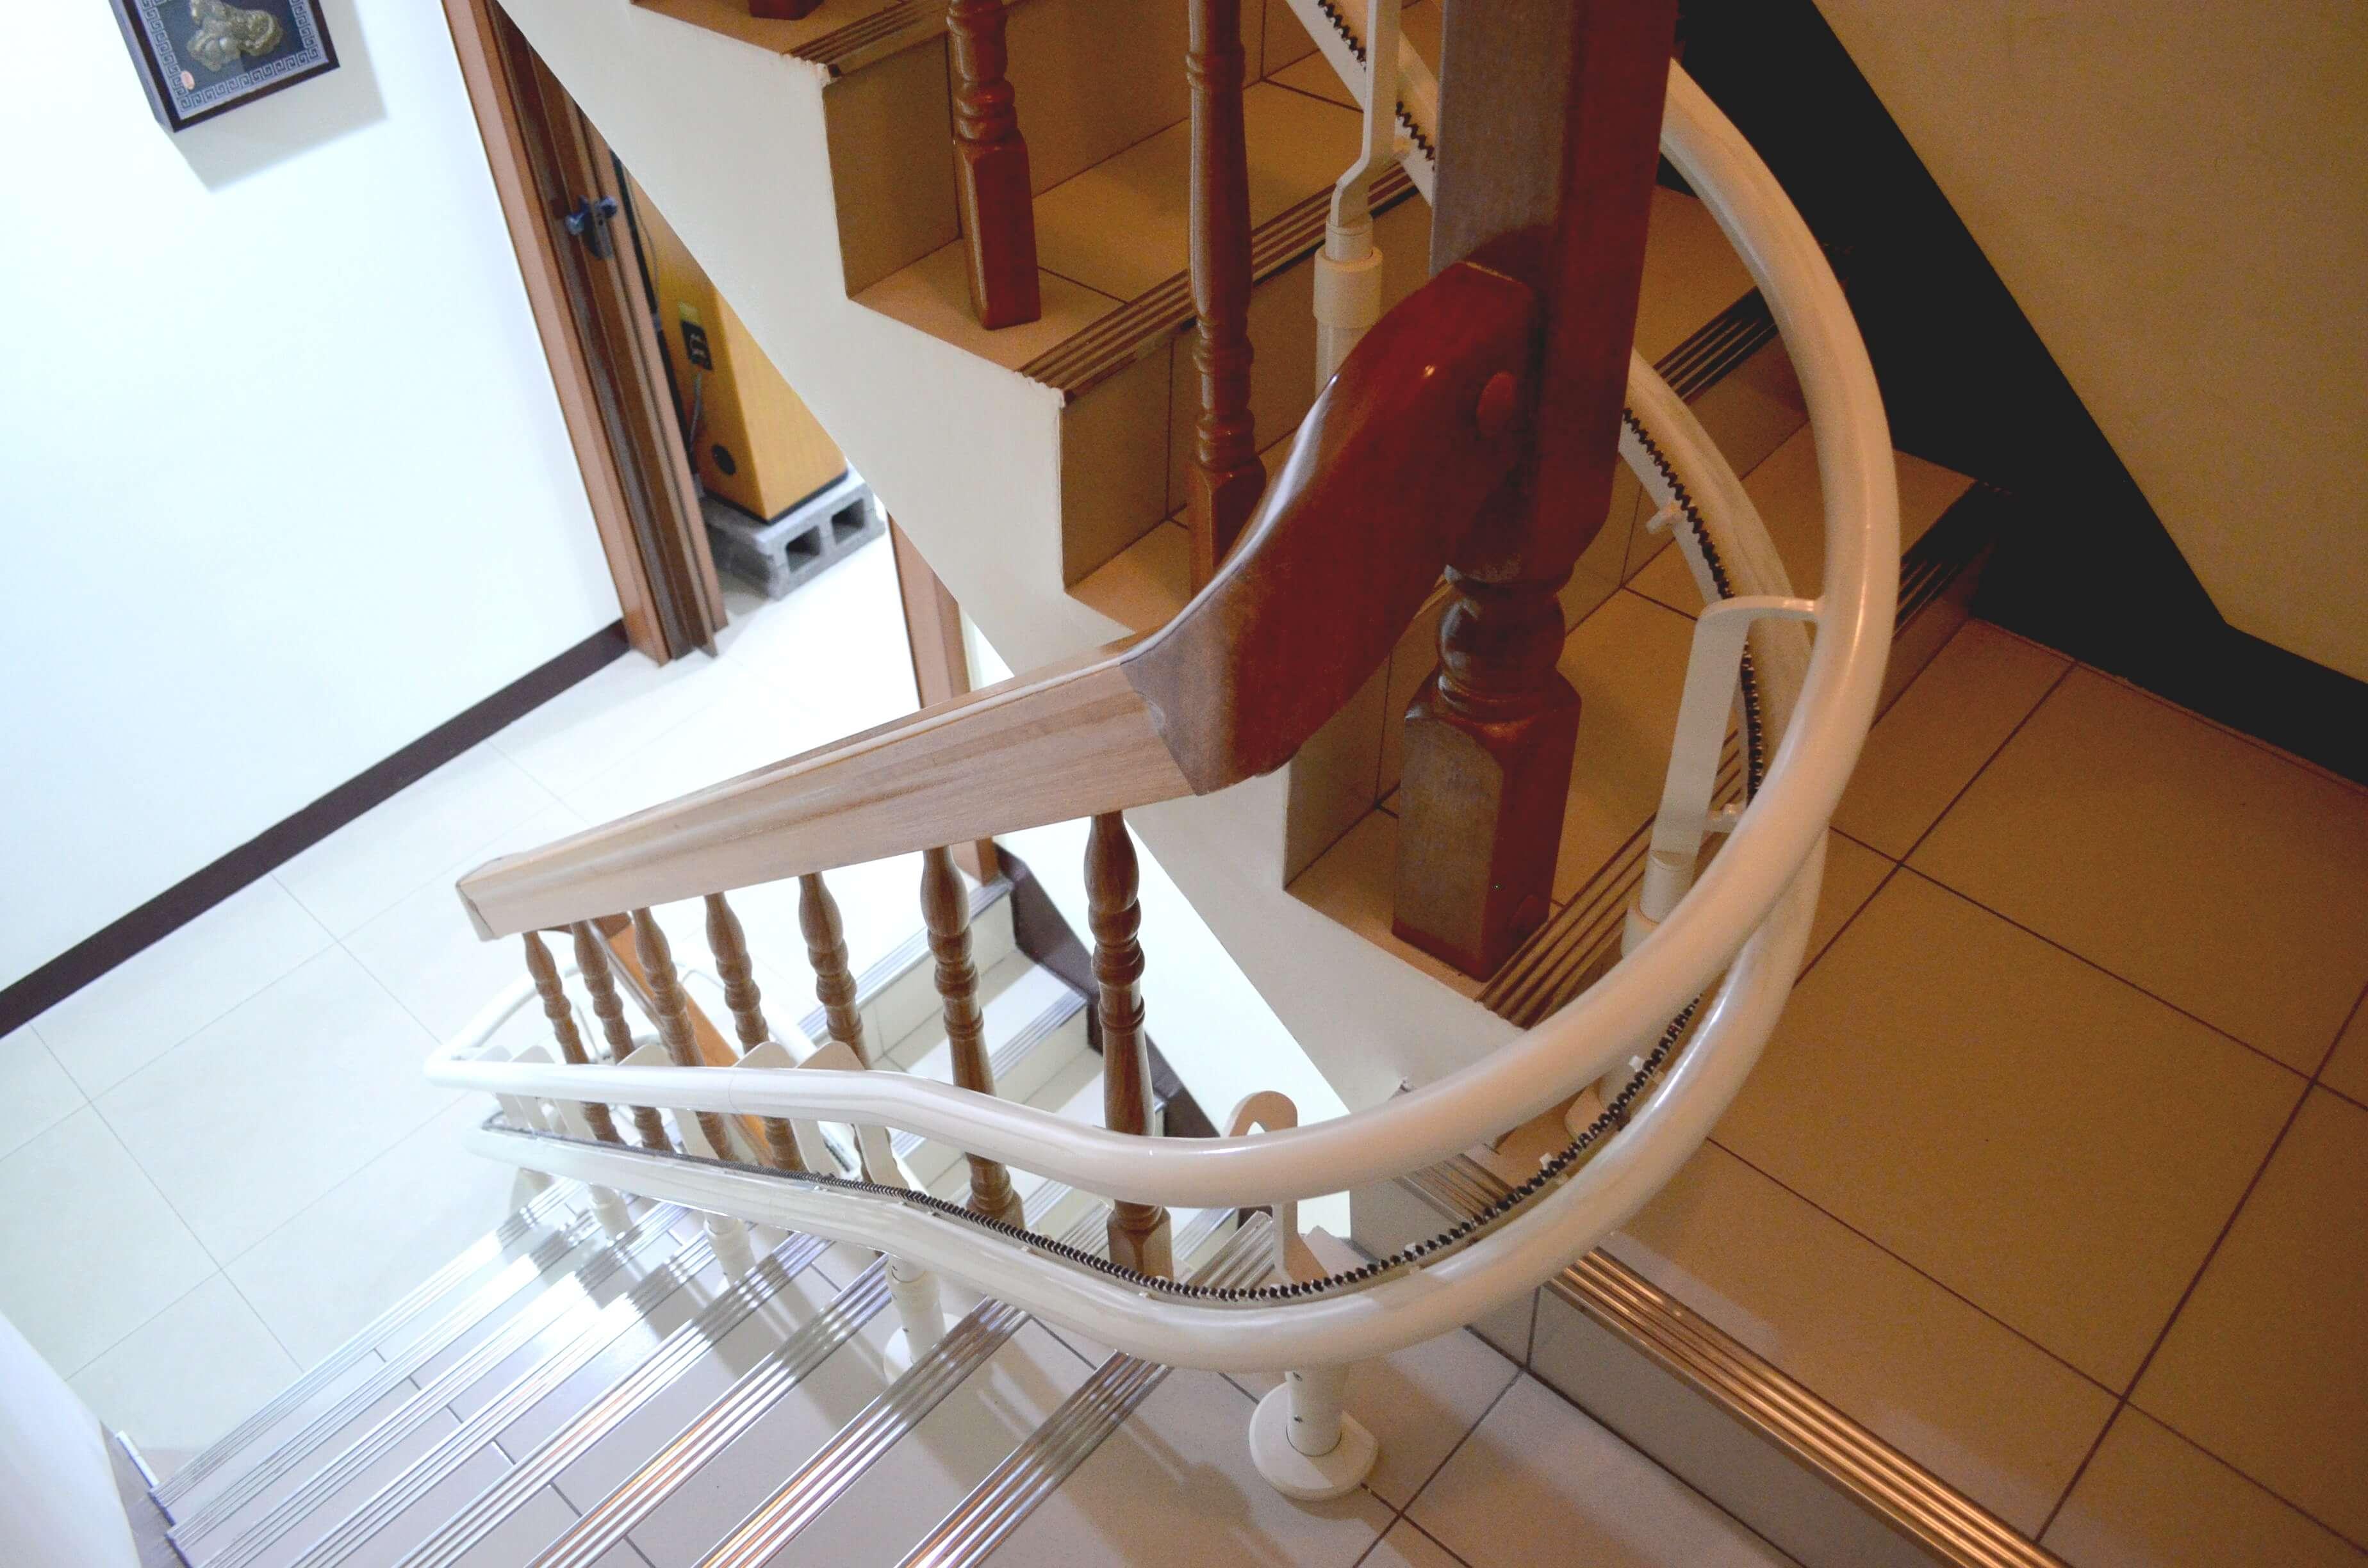 泓電樓梯座椅軌道